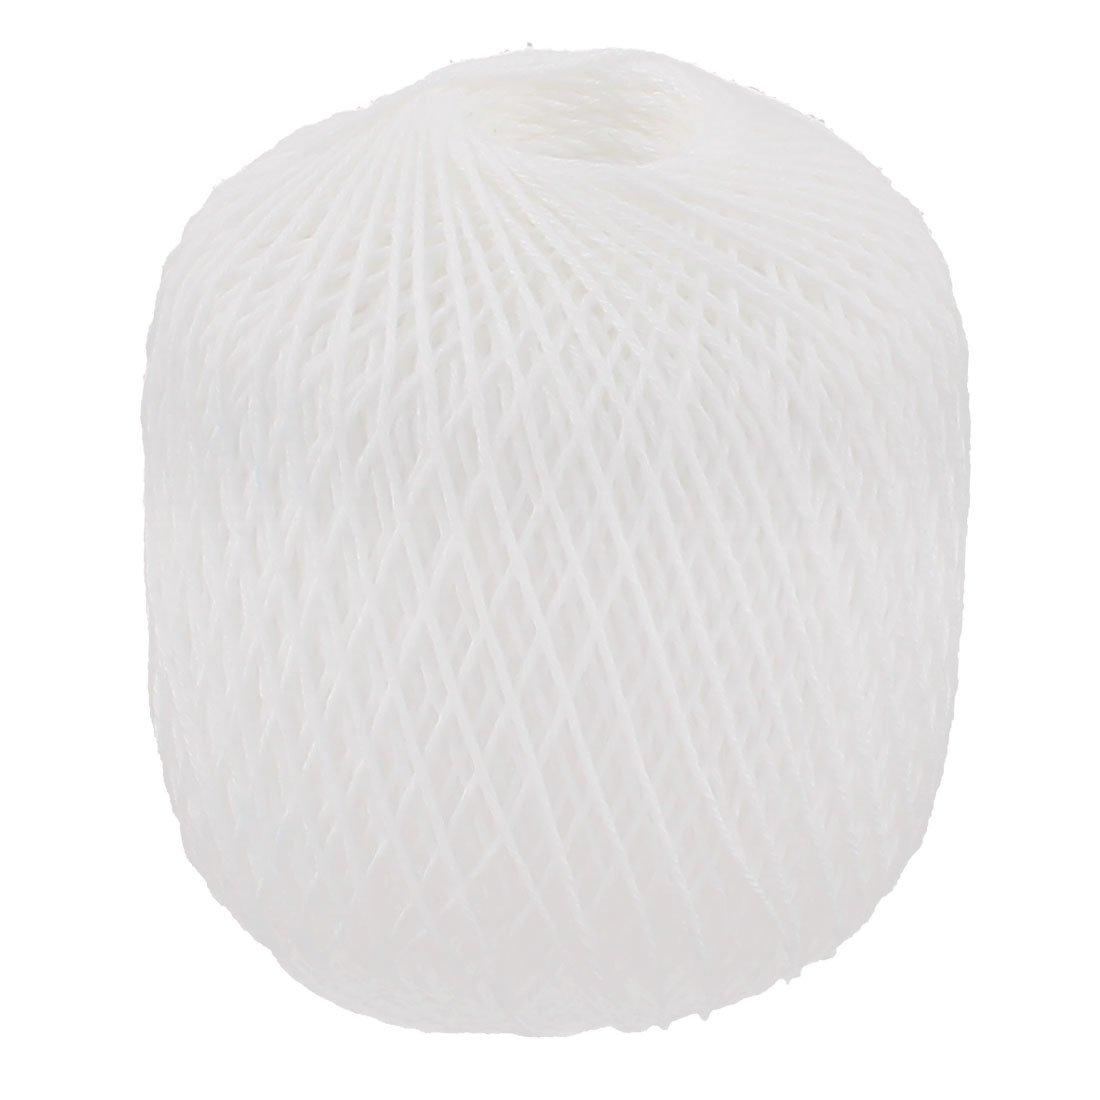 Terylen Verpackung Label-Einband gen/äht-Schnur geflochten 100 m